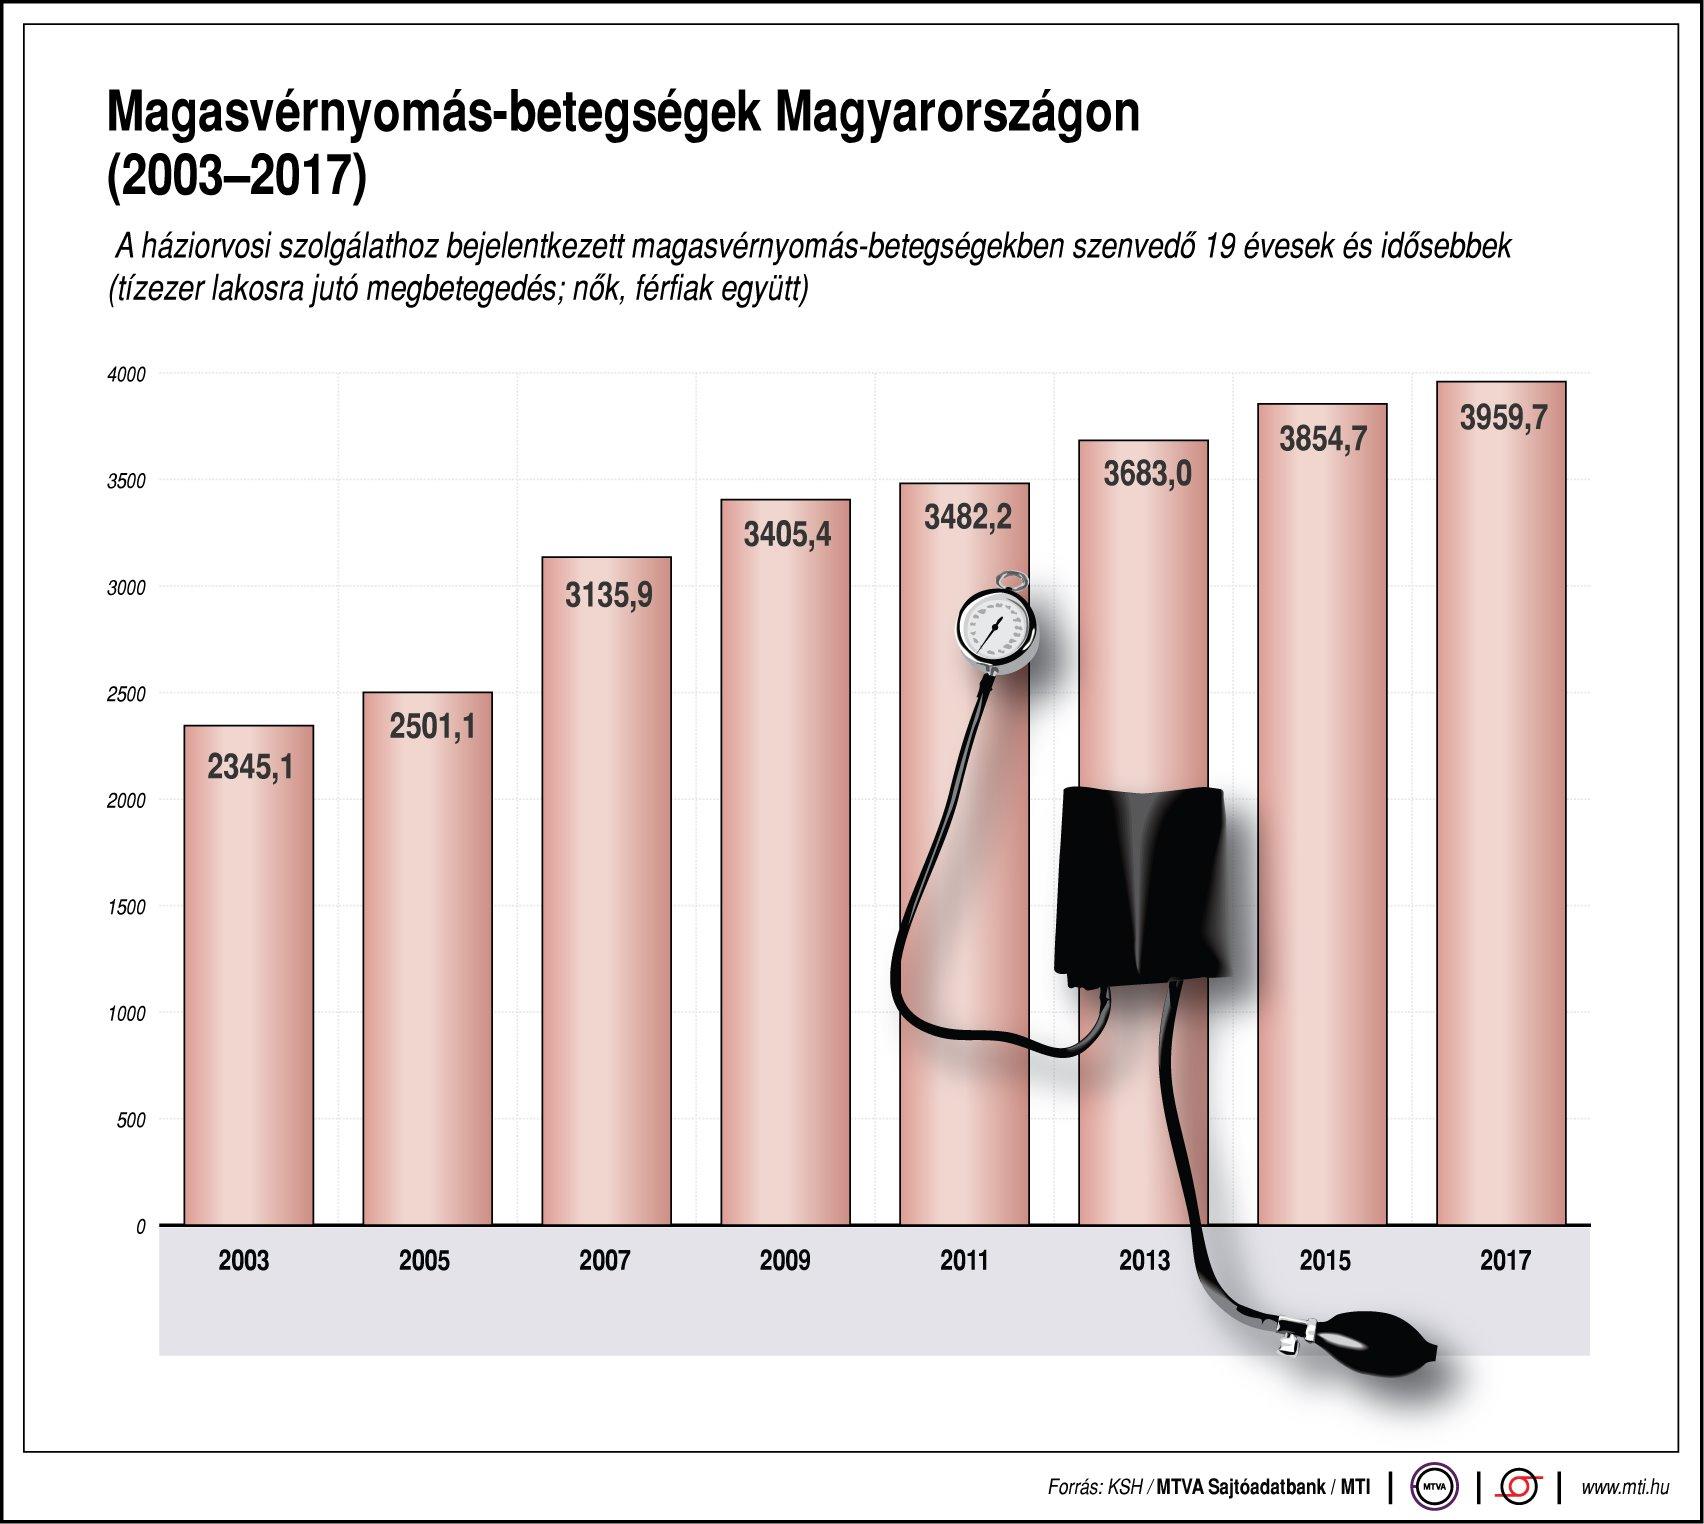 magas vérnyomás új életmód magas vérnyomás kezelés időseknél